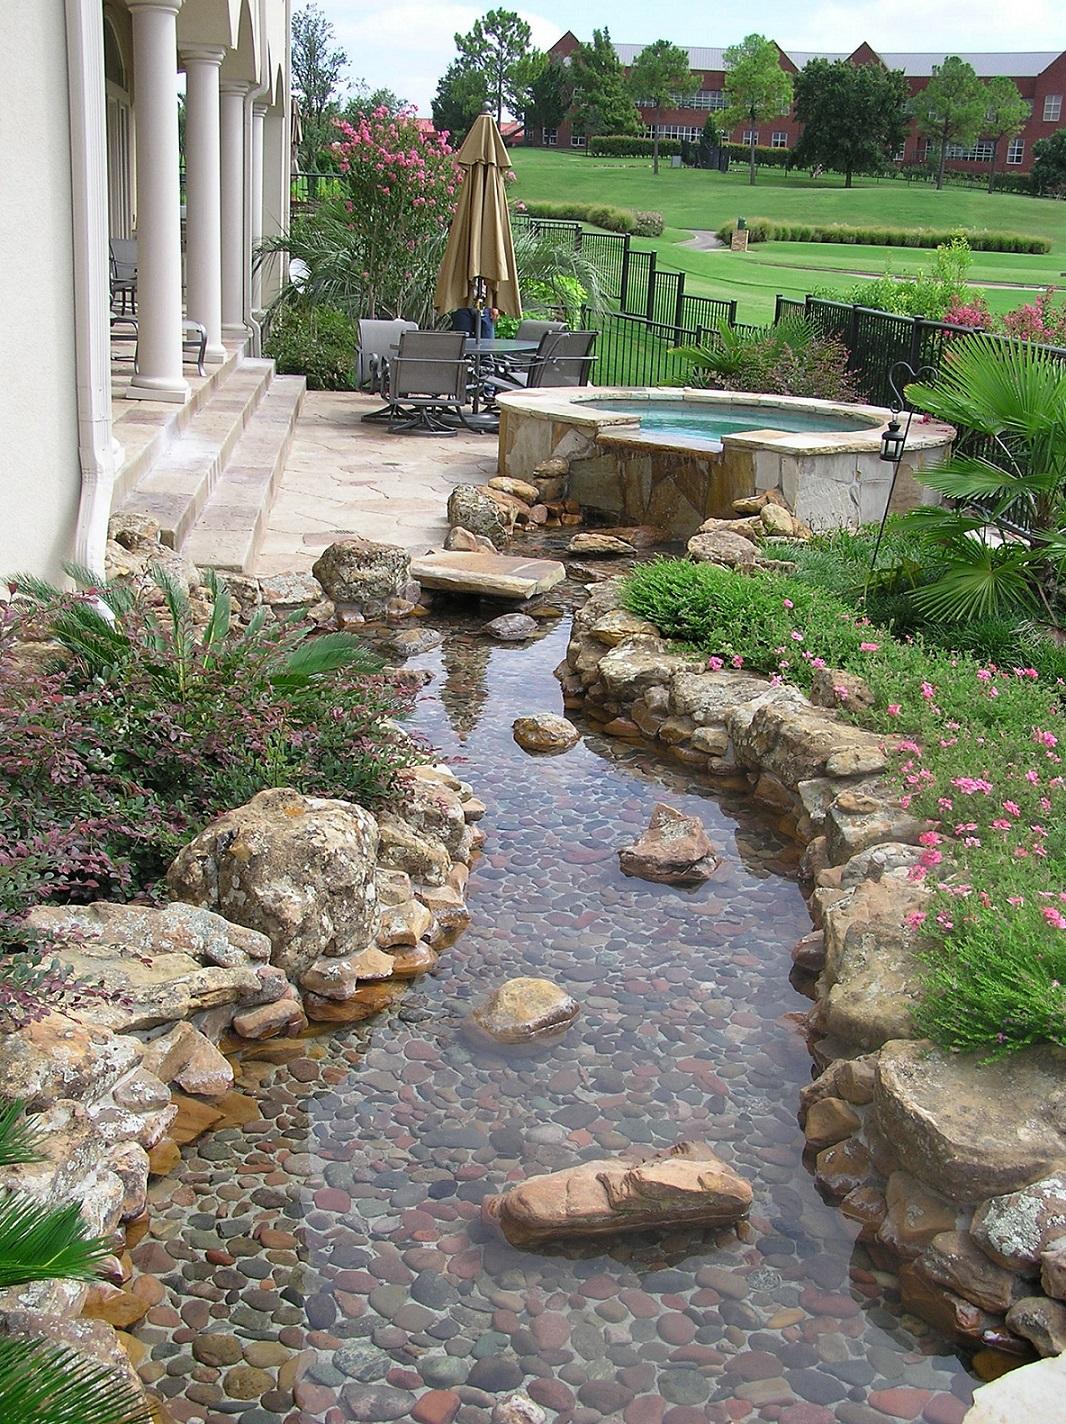 River rock garden ideas | Hawk Haven on Backyard Rock Designs id=79127